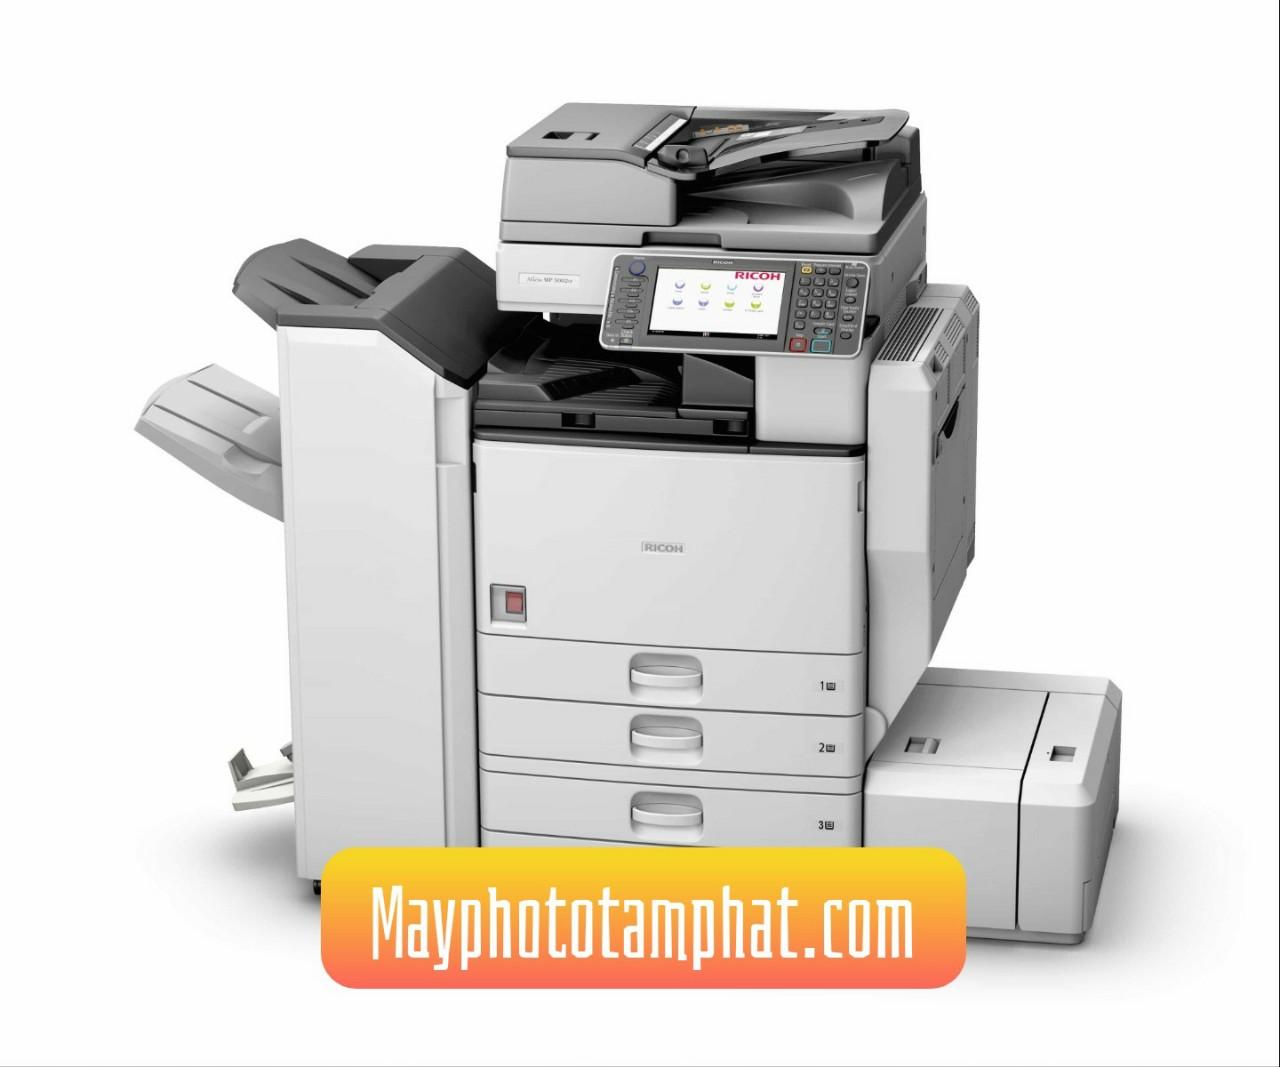 Dịch vụ cho thuê máy photocopy tại Quận Hai Bà Trưng - Hà Nội Giá 900k